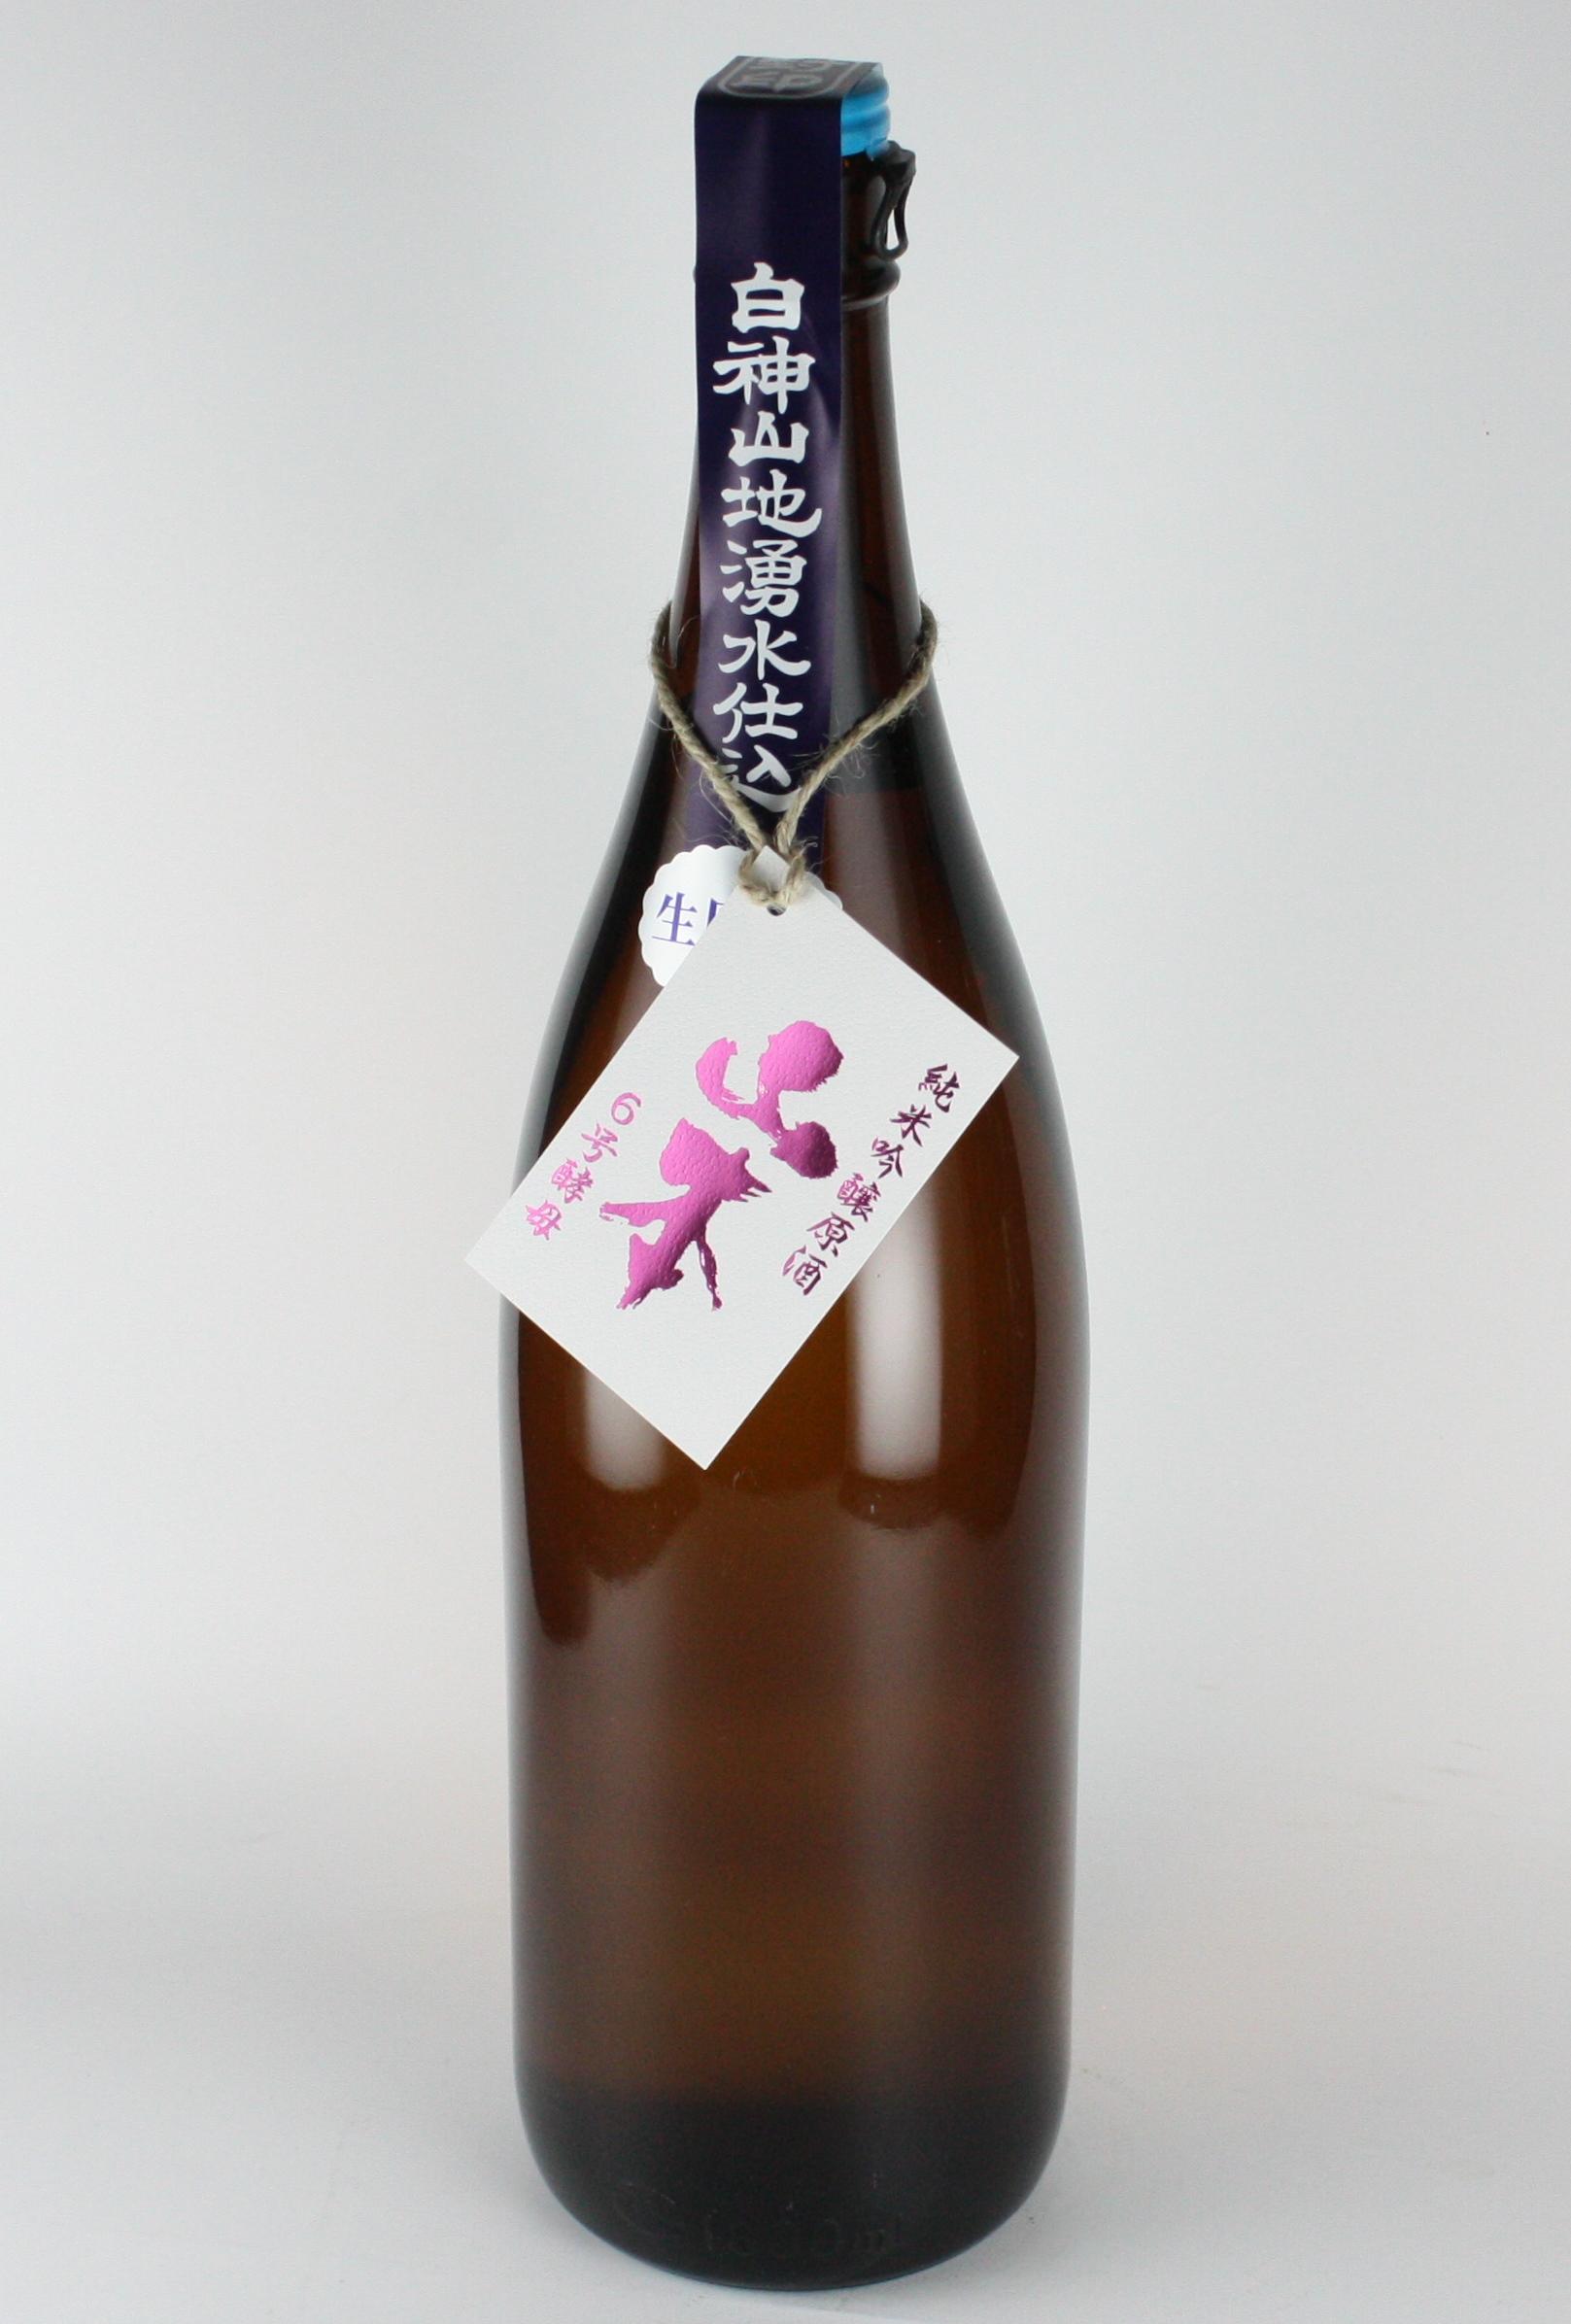 白瀑 山本 6号酵母仕込 純米吟醸無濾過生原酒 1800ml 【秋田/山本合名】